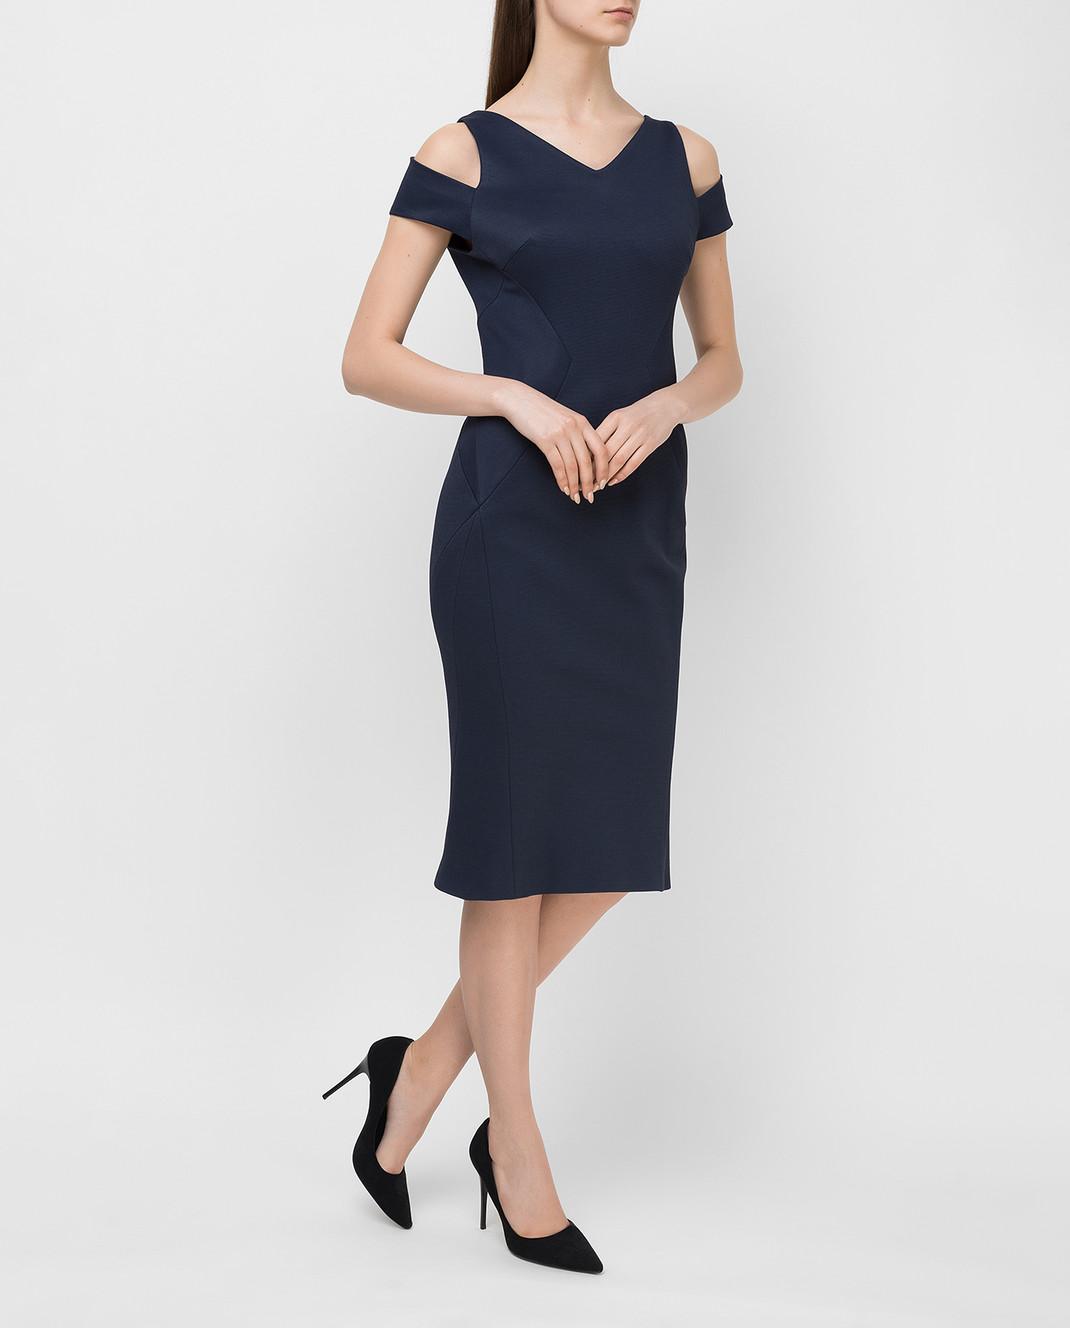 Zac Posen Темно-синее платье 40548253 изображение 2